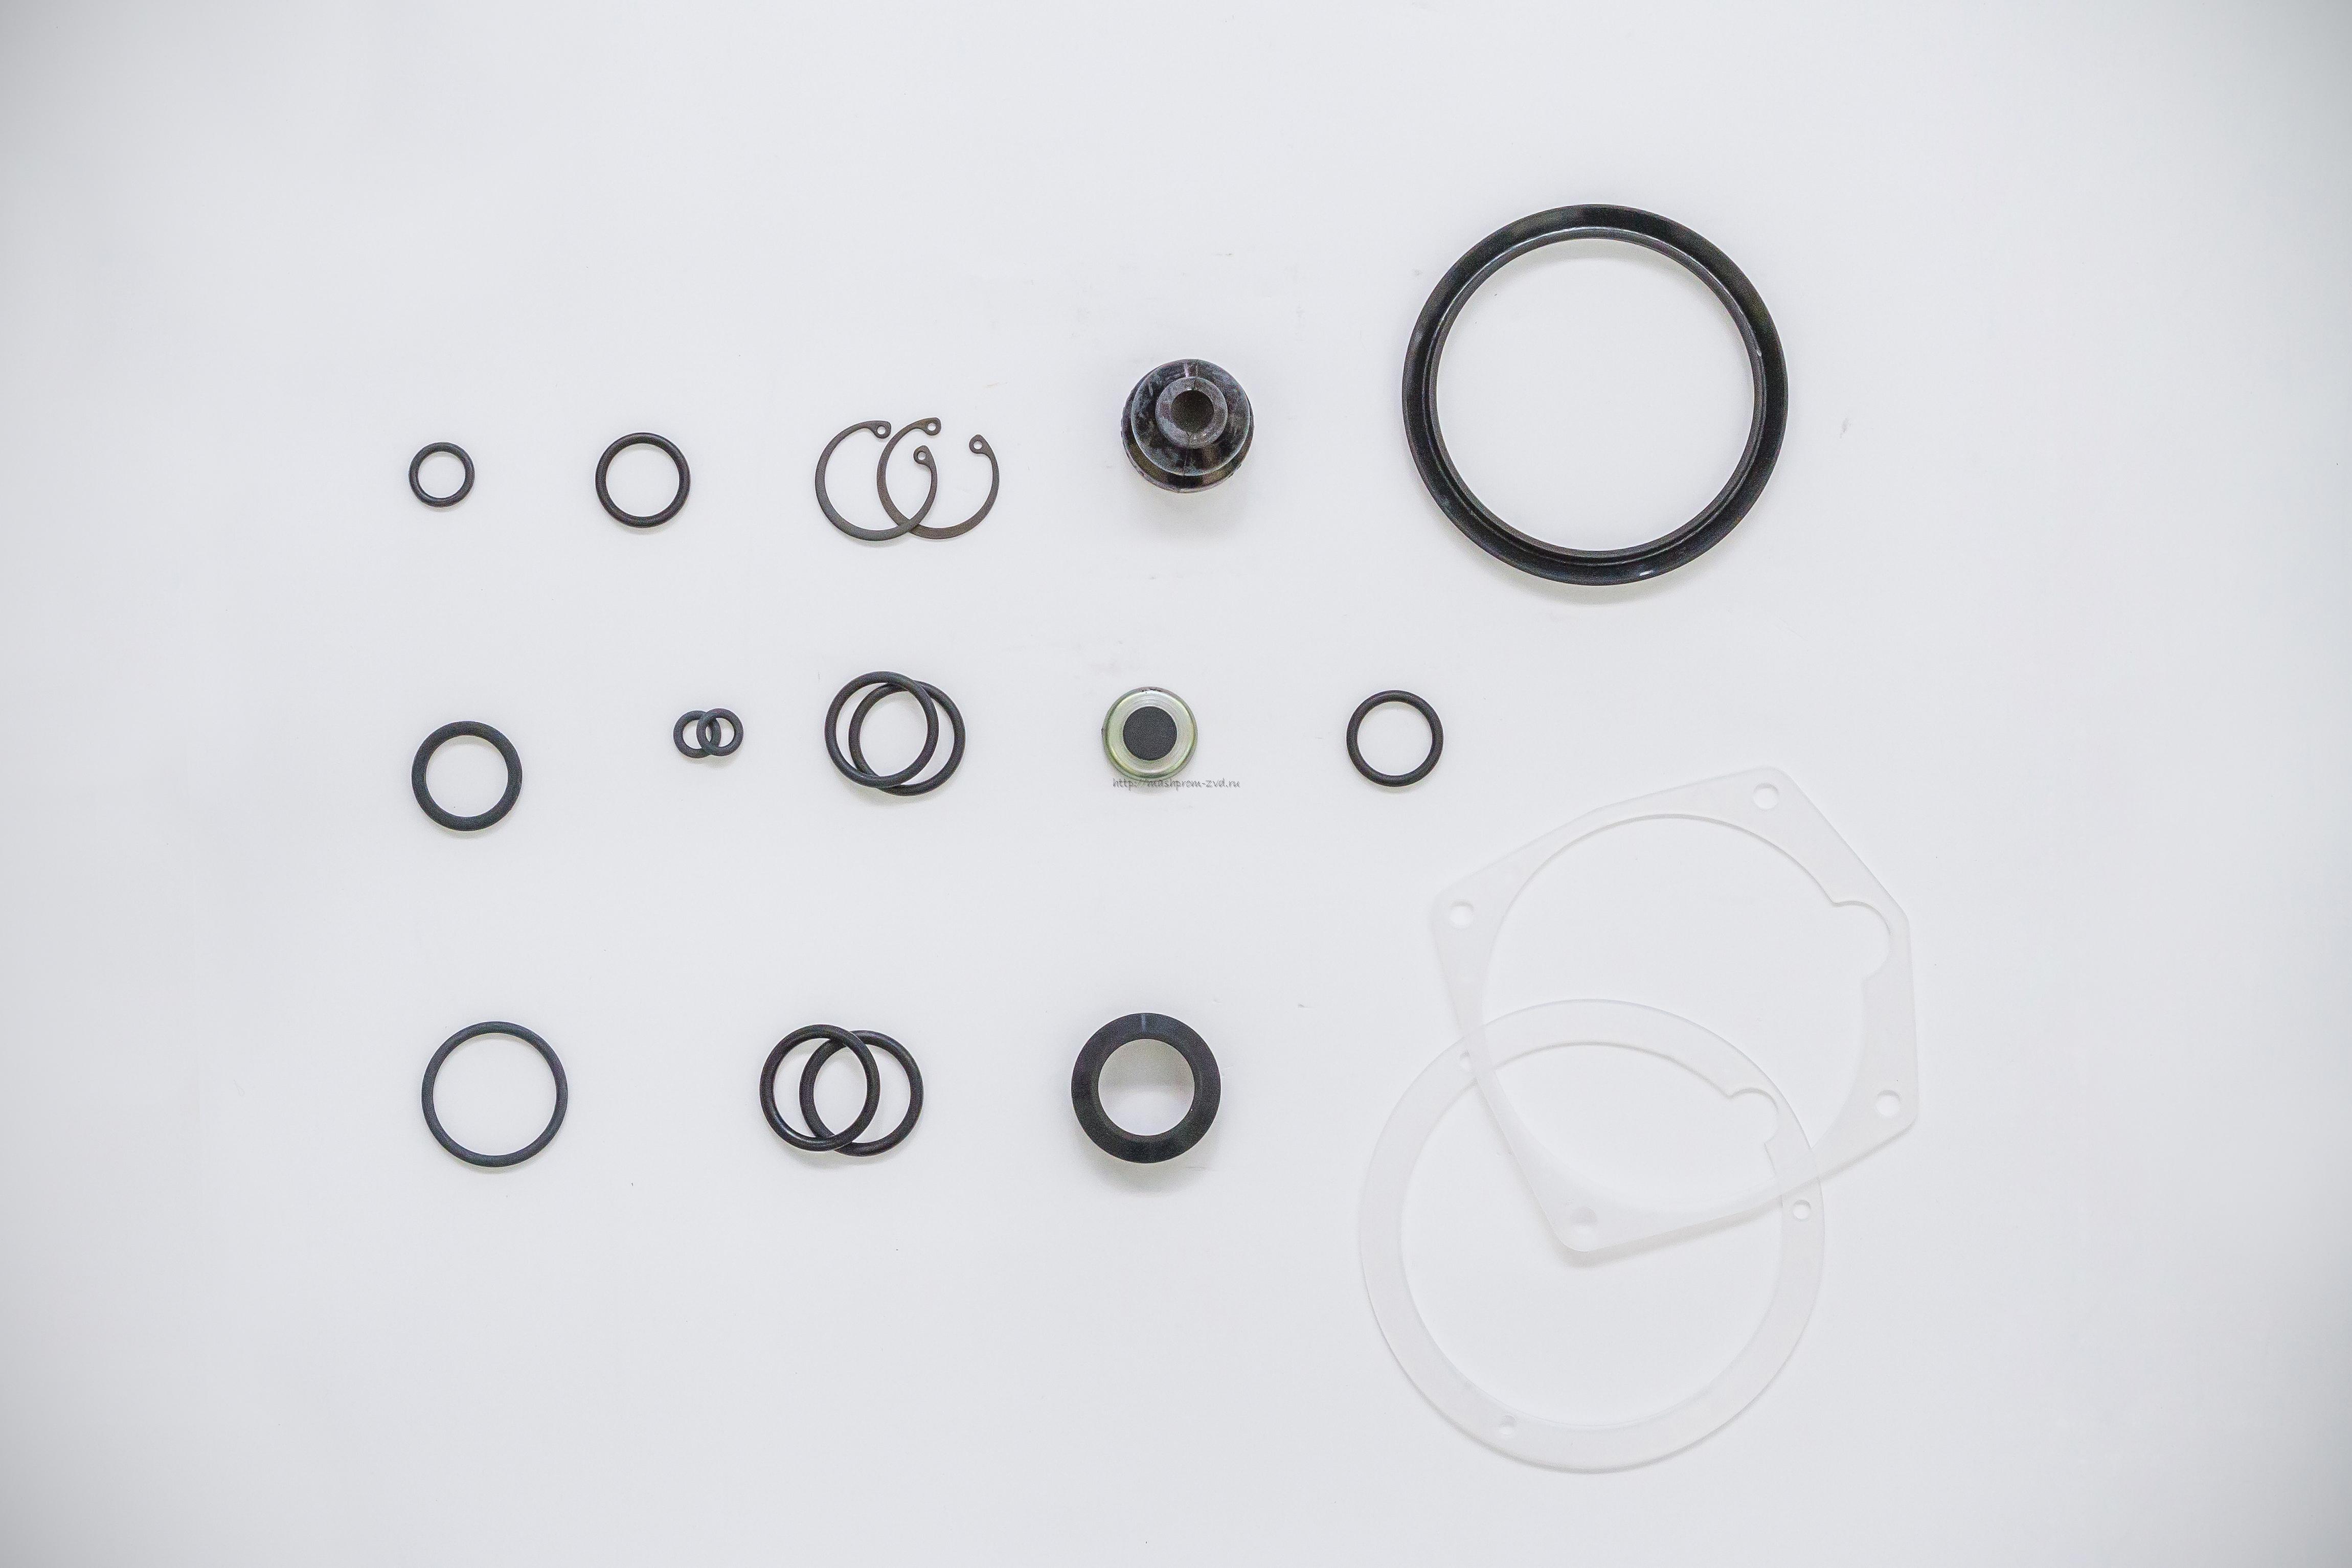 Комплект запасных частей для ремонта пневмогидравлических усилителей сцепления (КЗЧ 1СР)